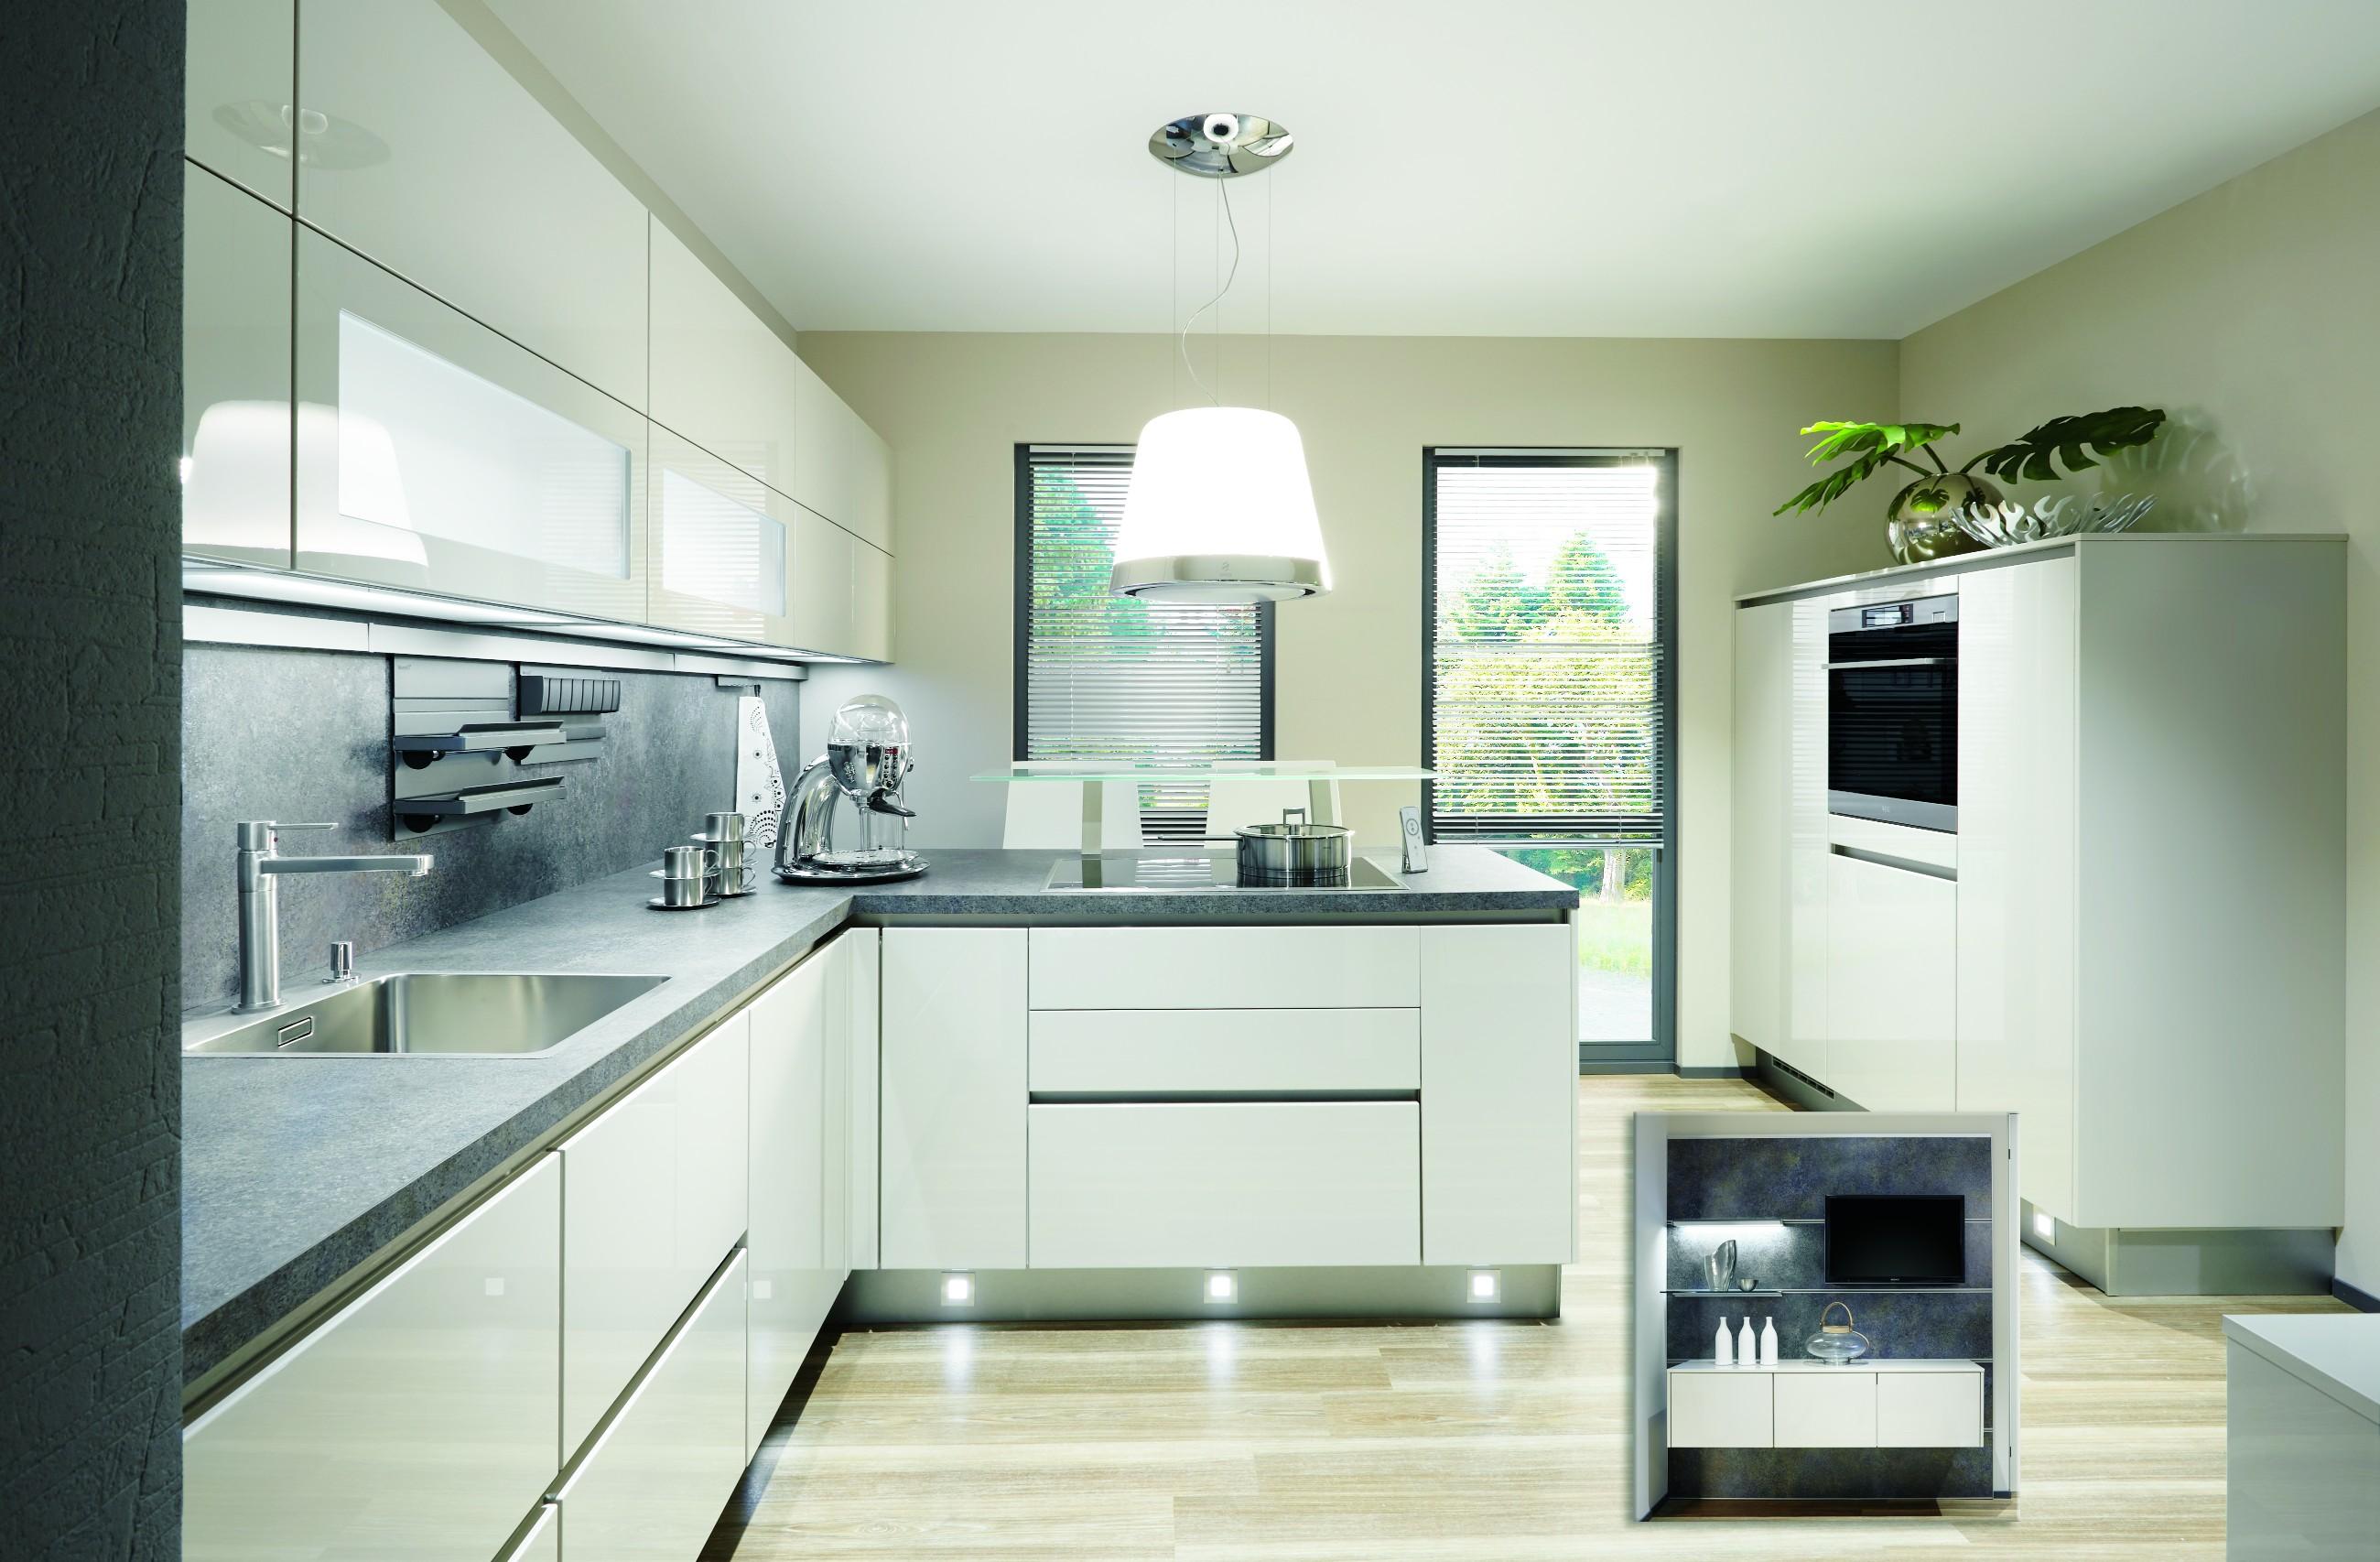 Design Hoogglans Keuken : Hoogglans keuken keukens bodegraven